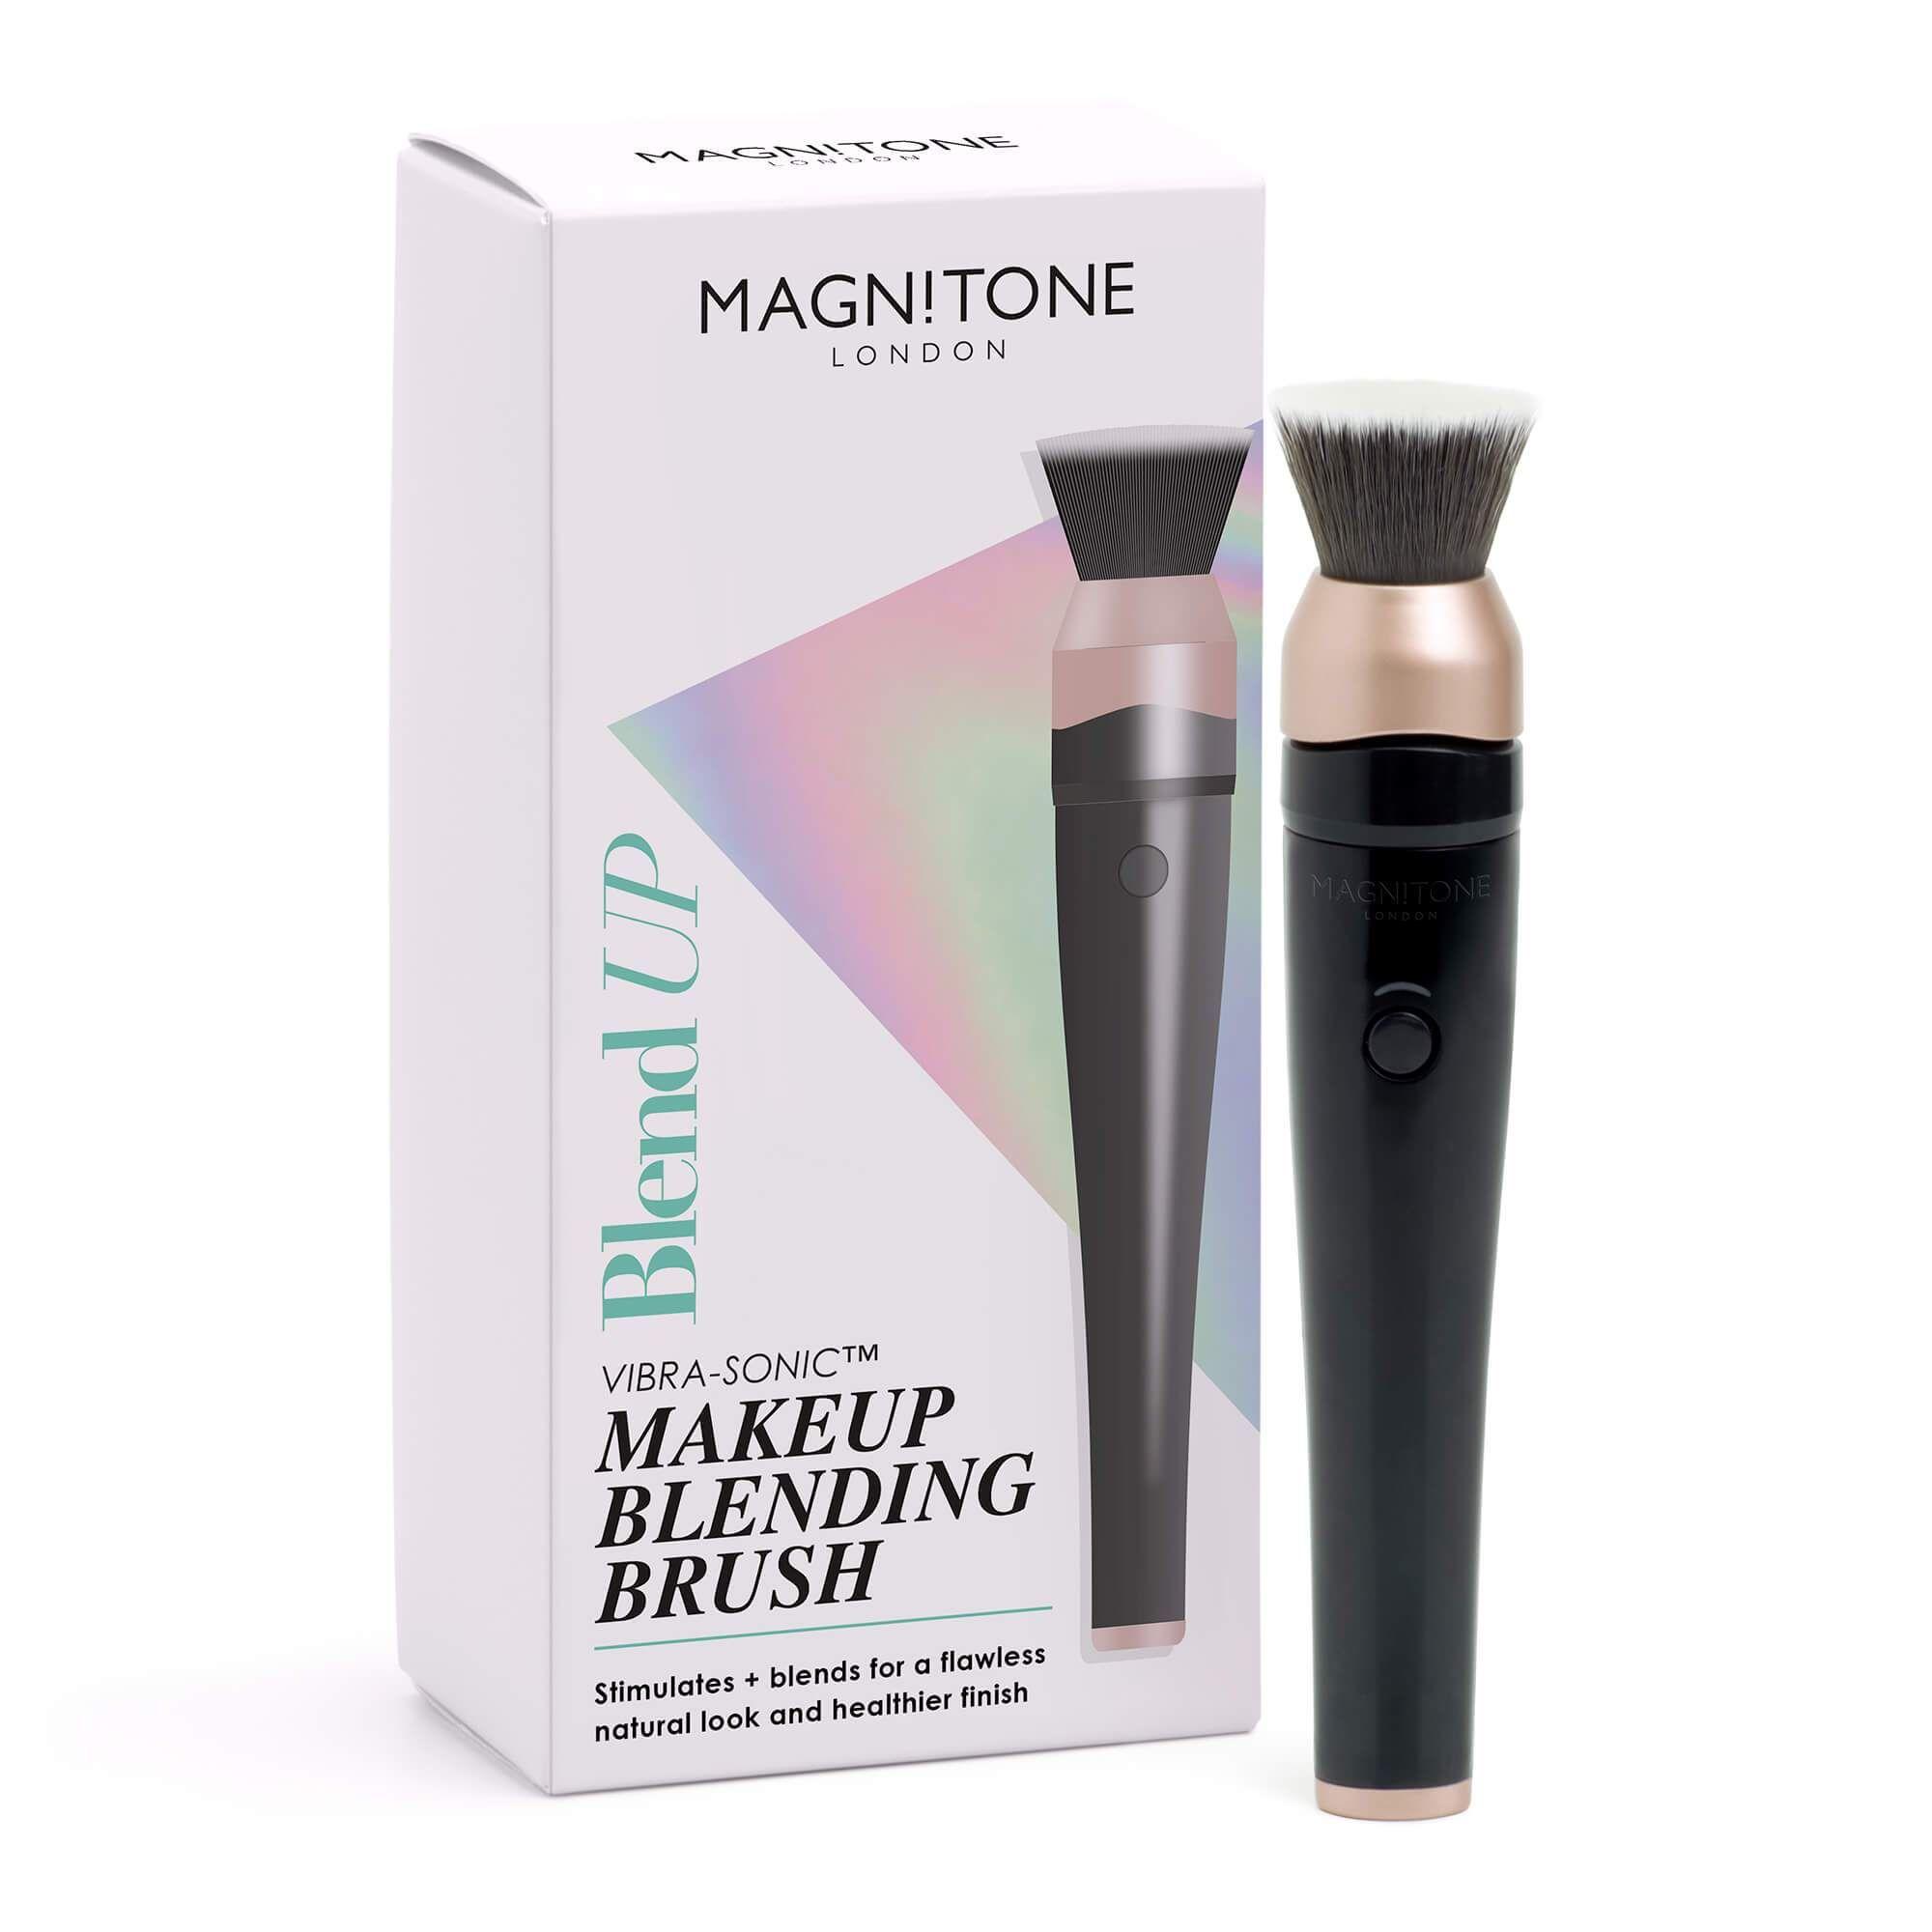 BlendUp VibraSonic™ Makeup Blending Brush Makeup